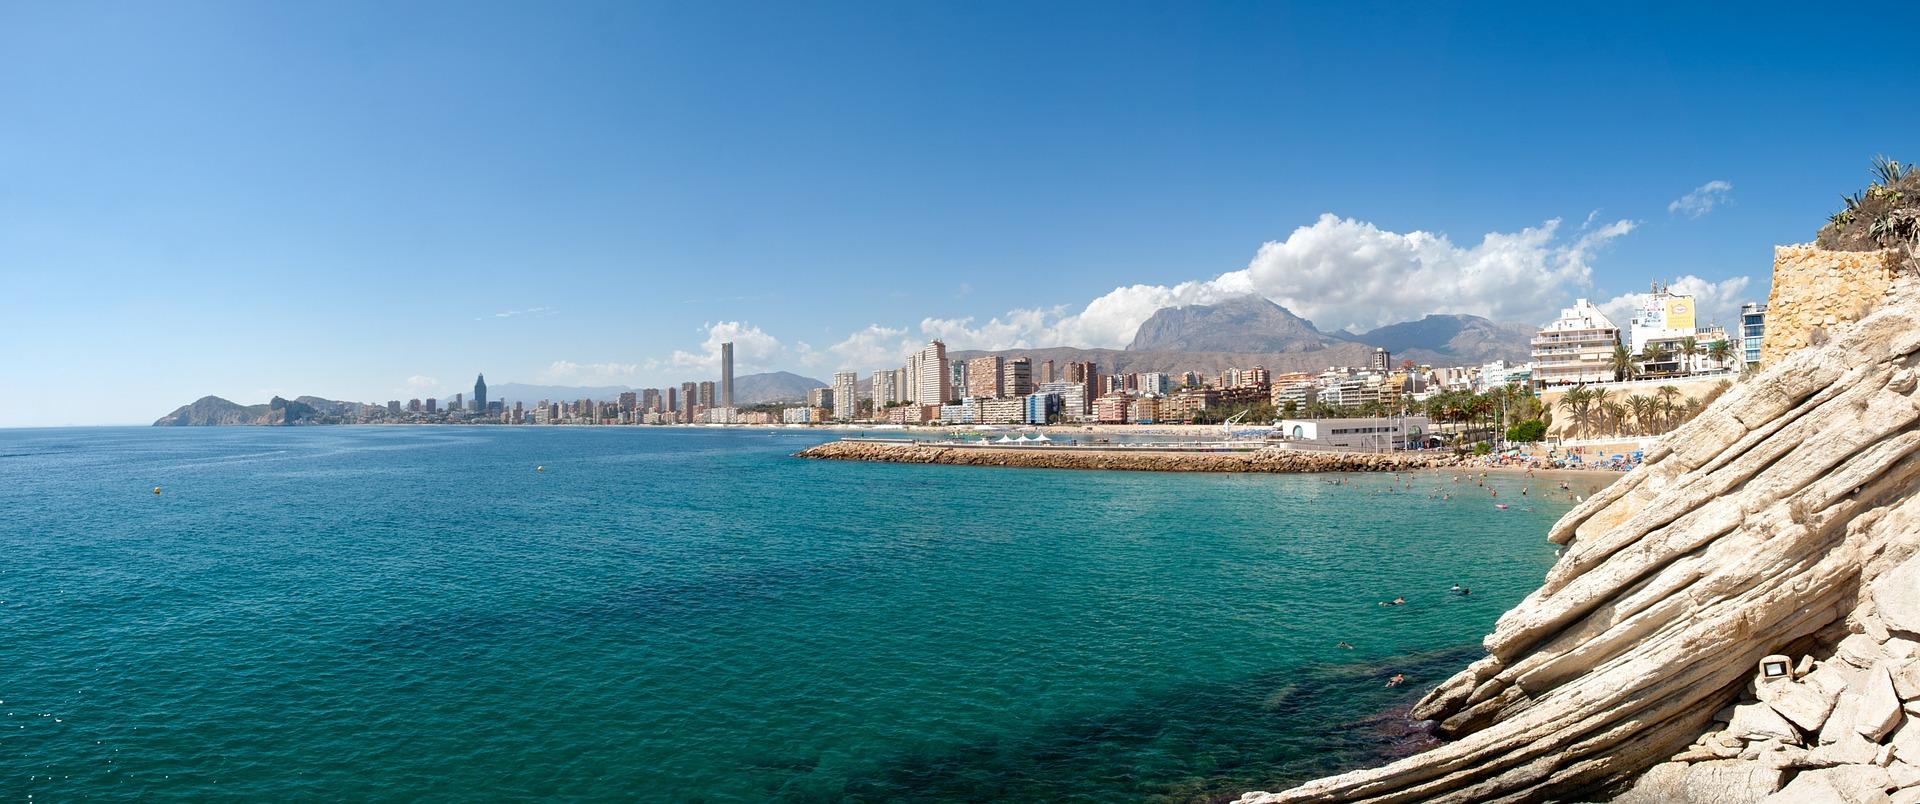 Wärmster Ort im Winter in Europa Alicante ab 9,99€ bist du dabei